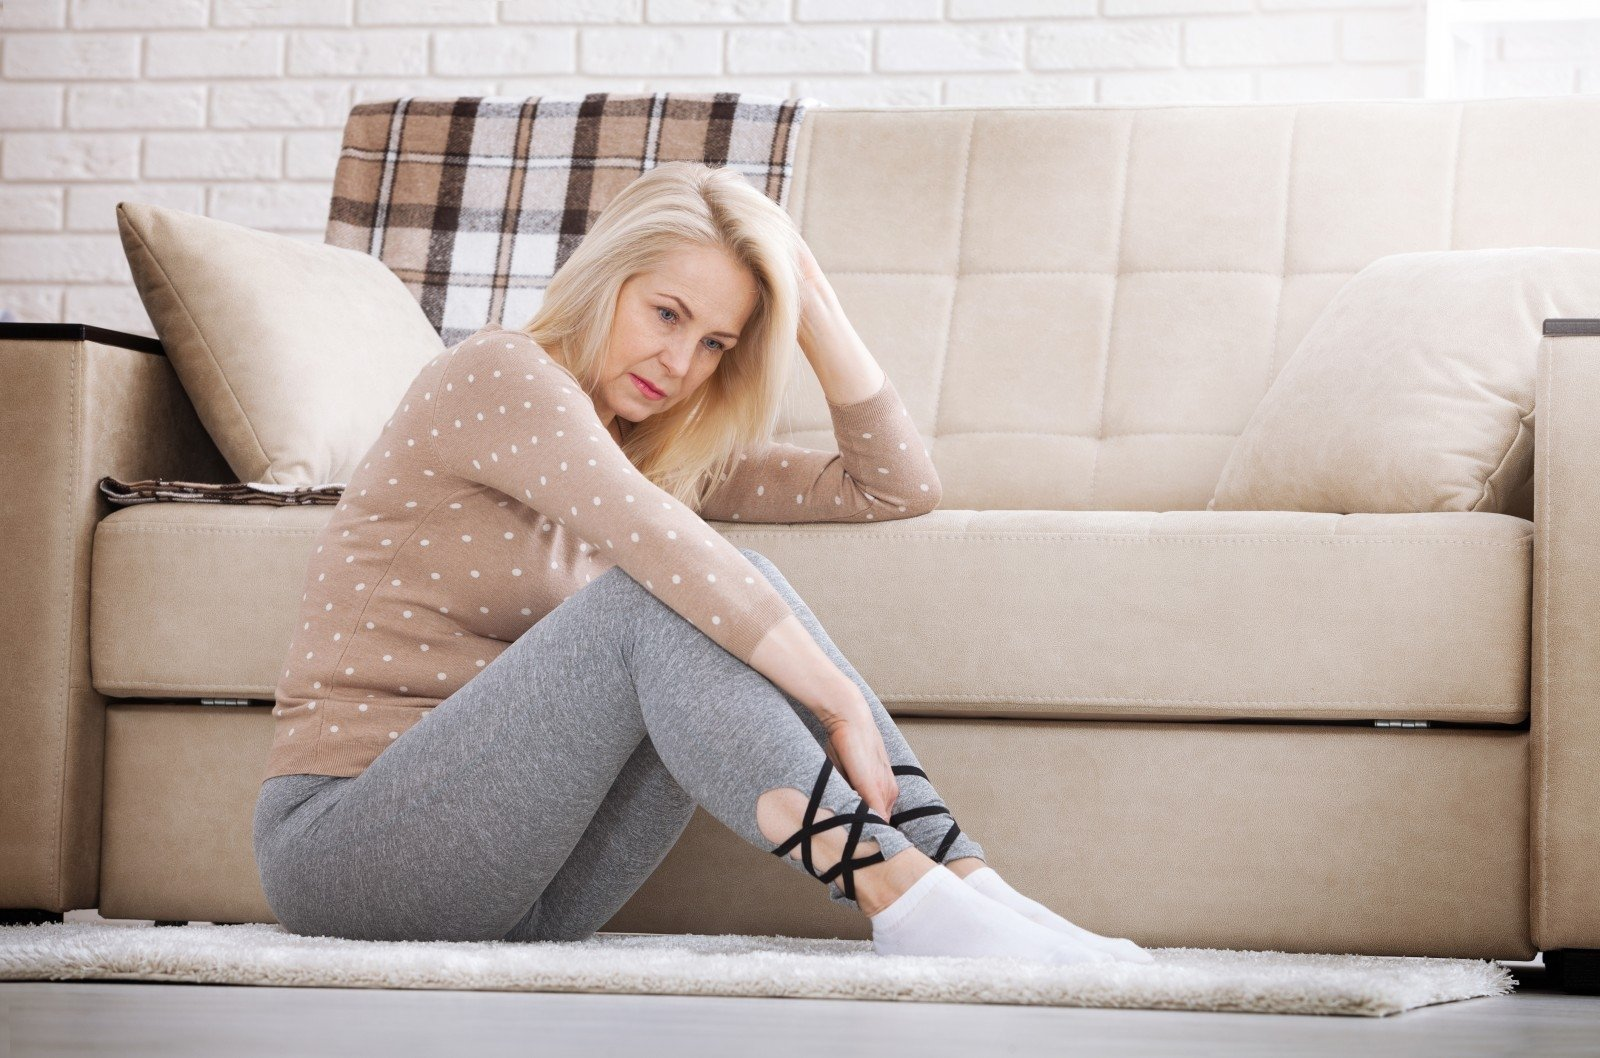 vaistai hipertenzijai su menopauze gydyti